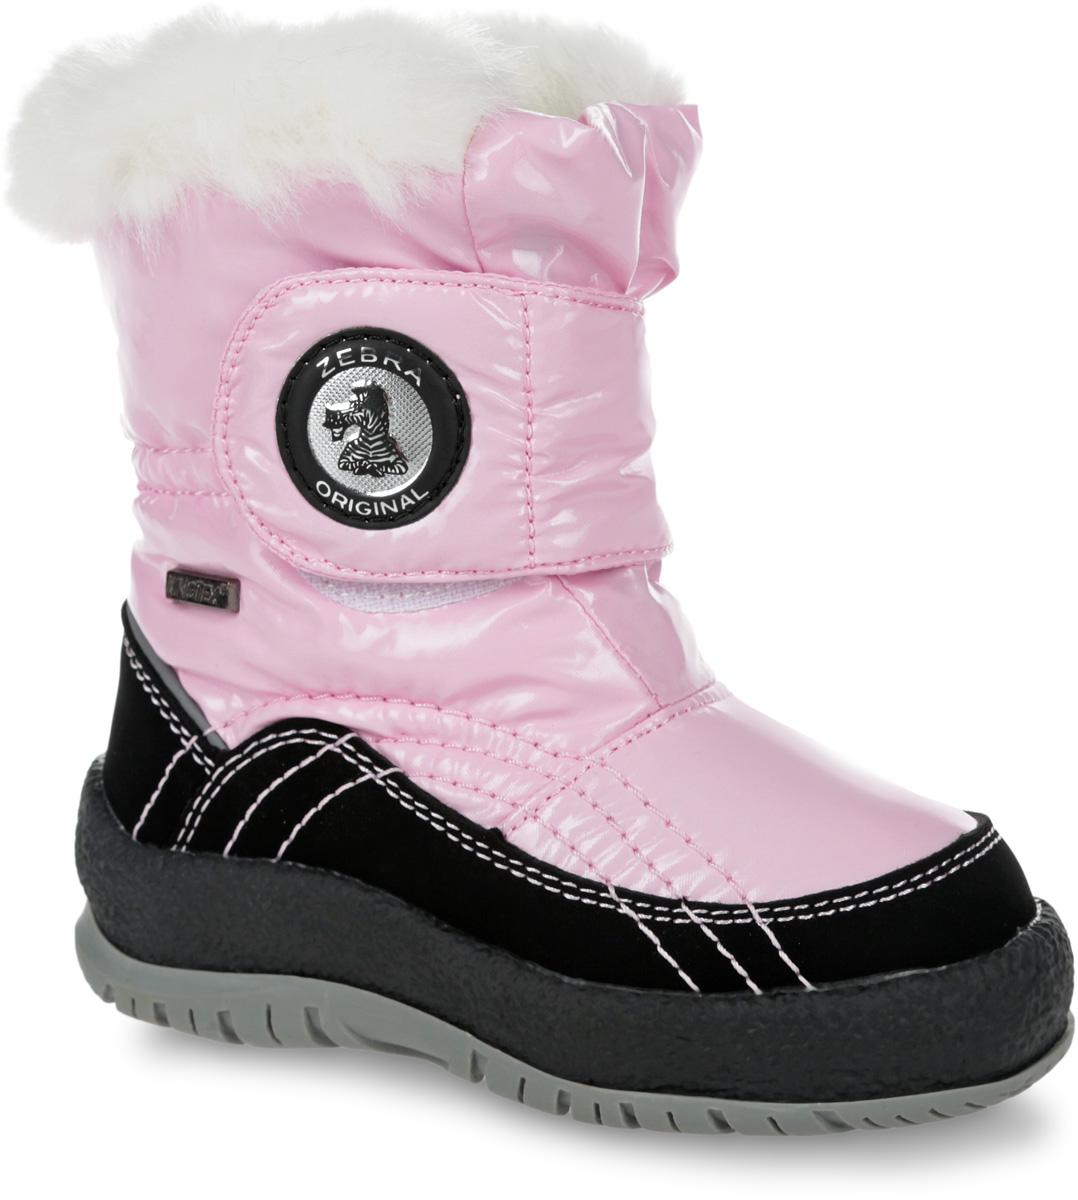 Полусапоги для девочки Зебра, цвет: розовый. 11014-9. Размер 2511014-9Полусапоги от Зебра выполнены из прочного текстиля со вставками из полиуретана. Широкий хлястик на застежке-липучке надежно фиксирует модель на ноге. Подкладка и стелька из шерсти согреют ножки вашей малышки в холод. Подошва с рифлением обеспечивает идеальное сцепление с любыми поверхностями.